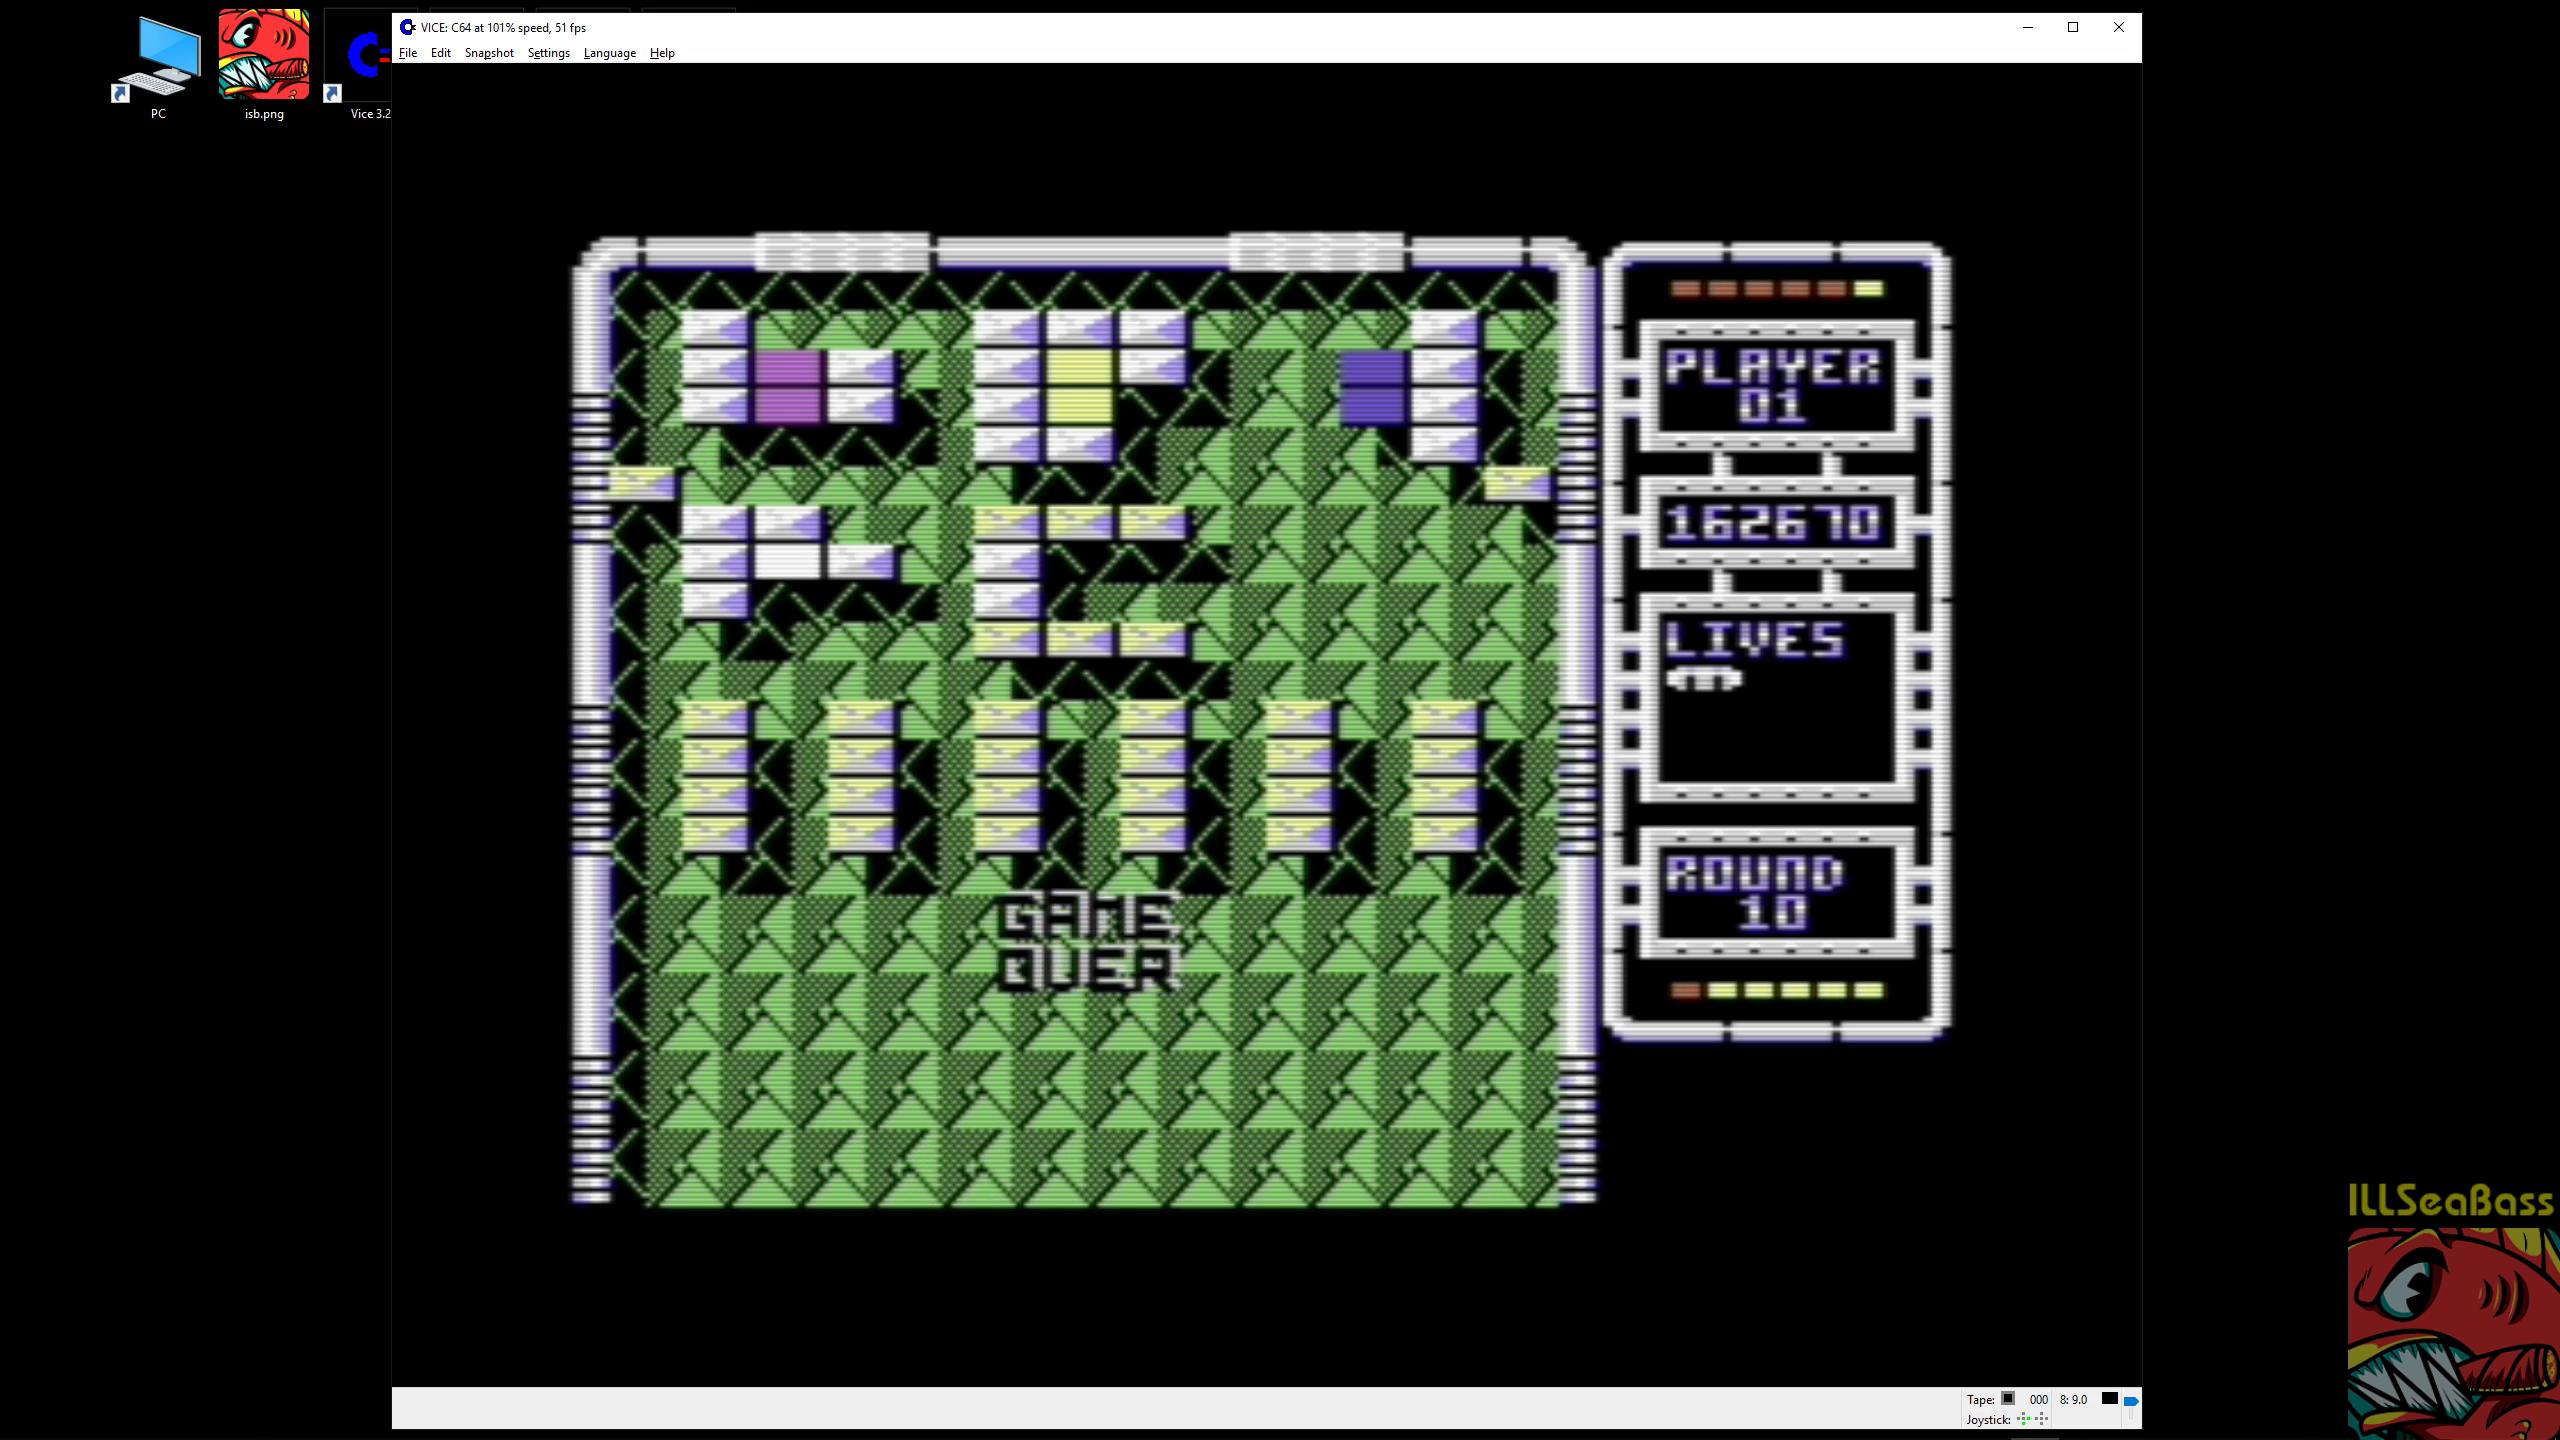 ILLSeaBass: Arkanoid: Revenge of Doh (Commodore 64 Emulated) 162,670 points on 2019-02-21 06:39:10